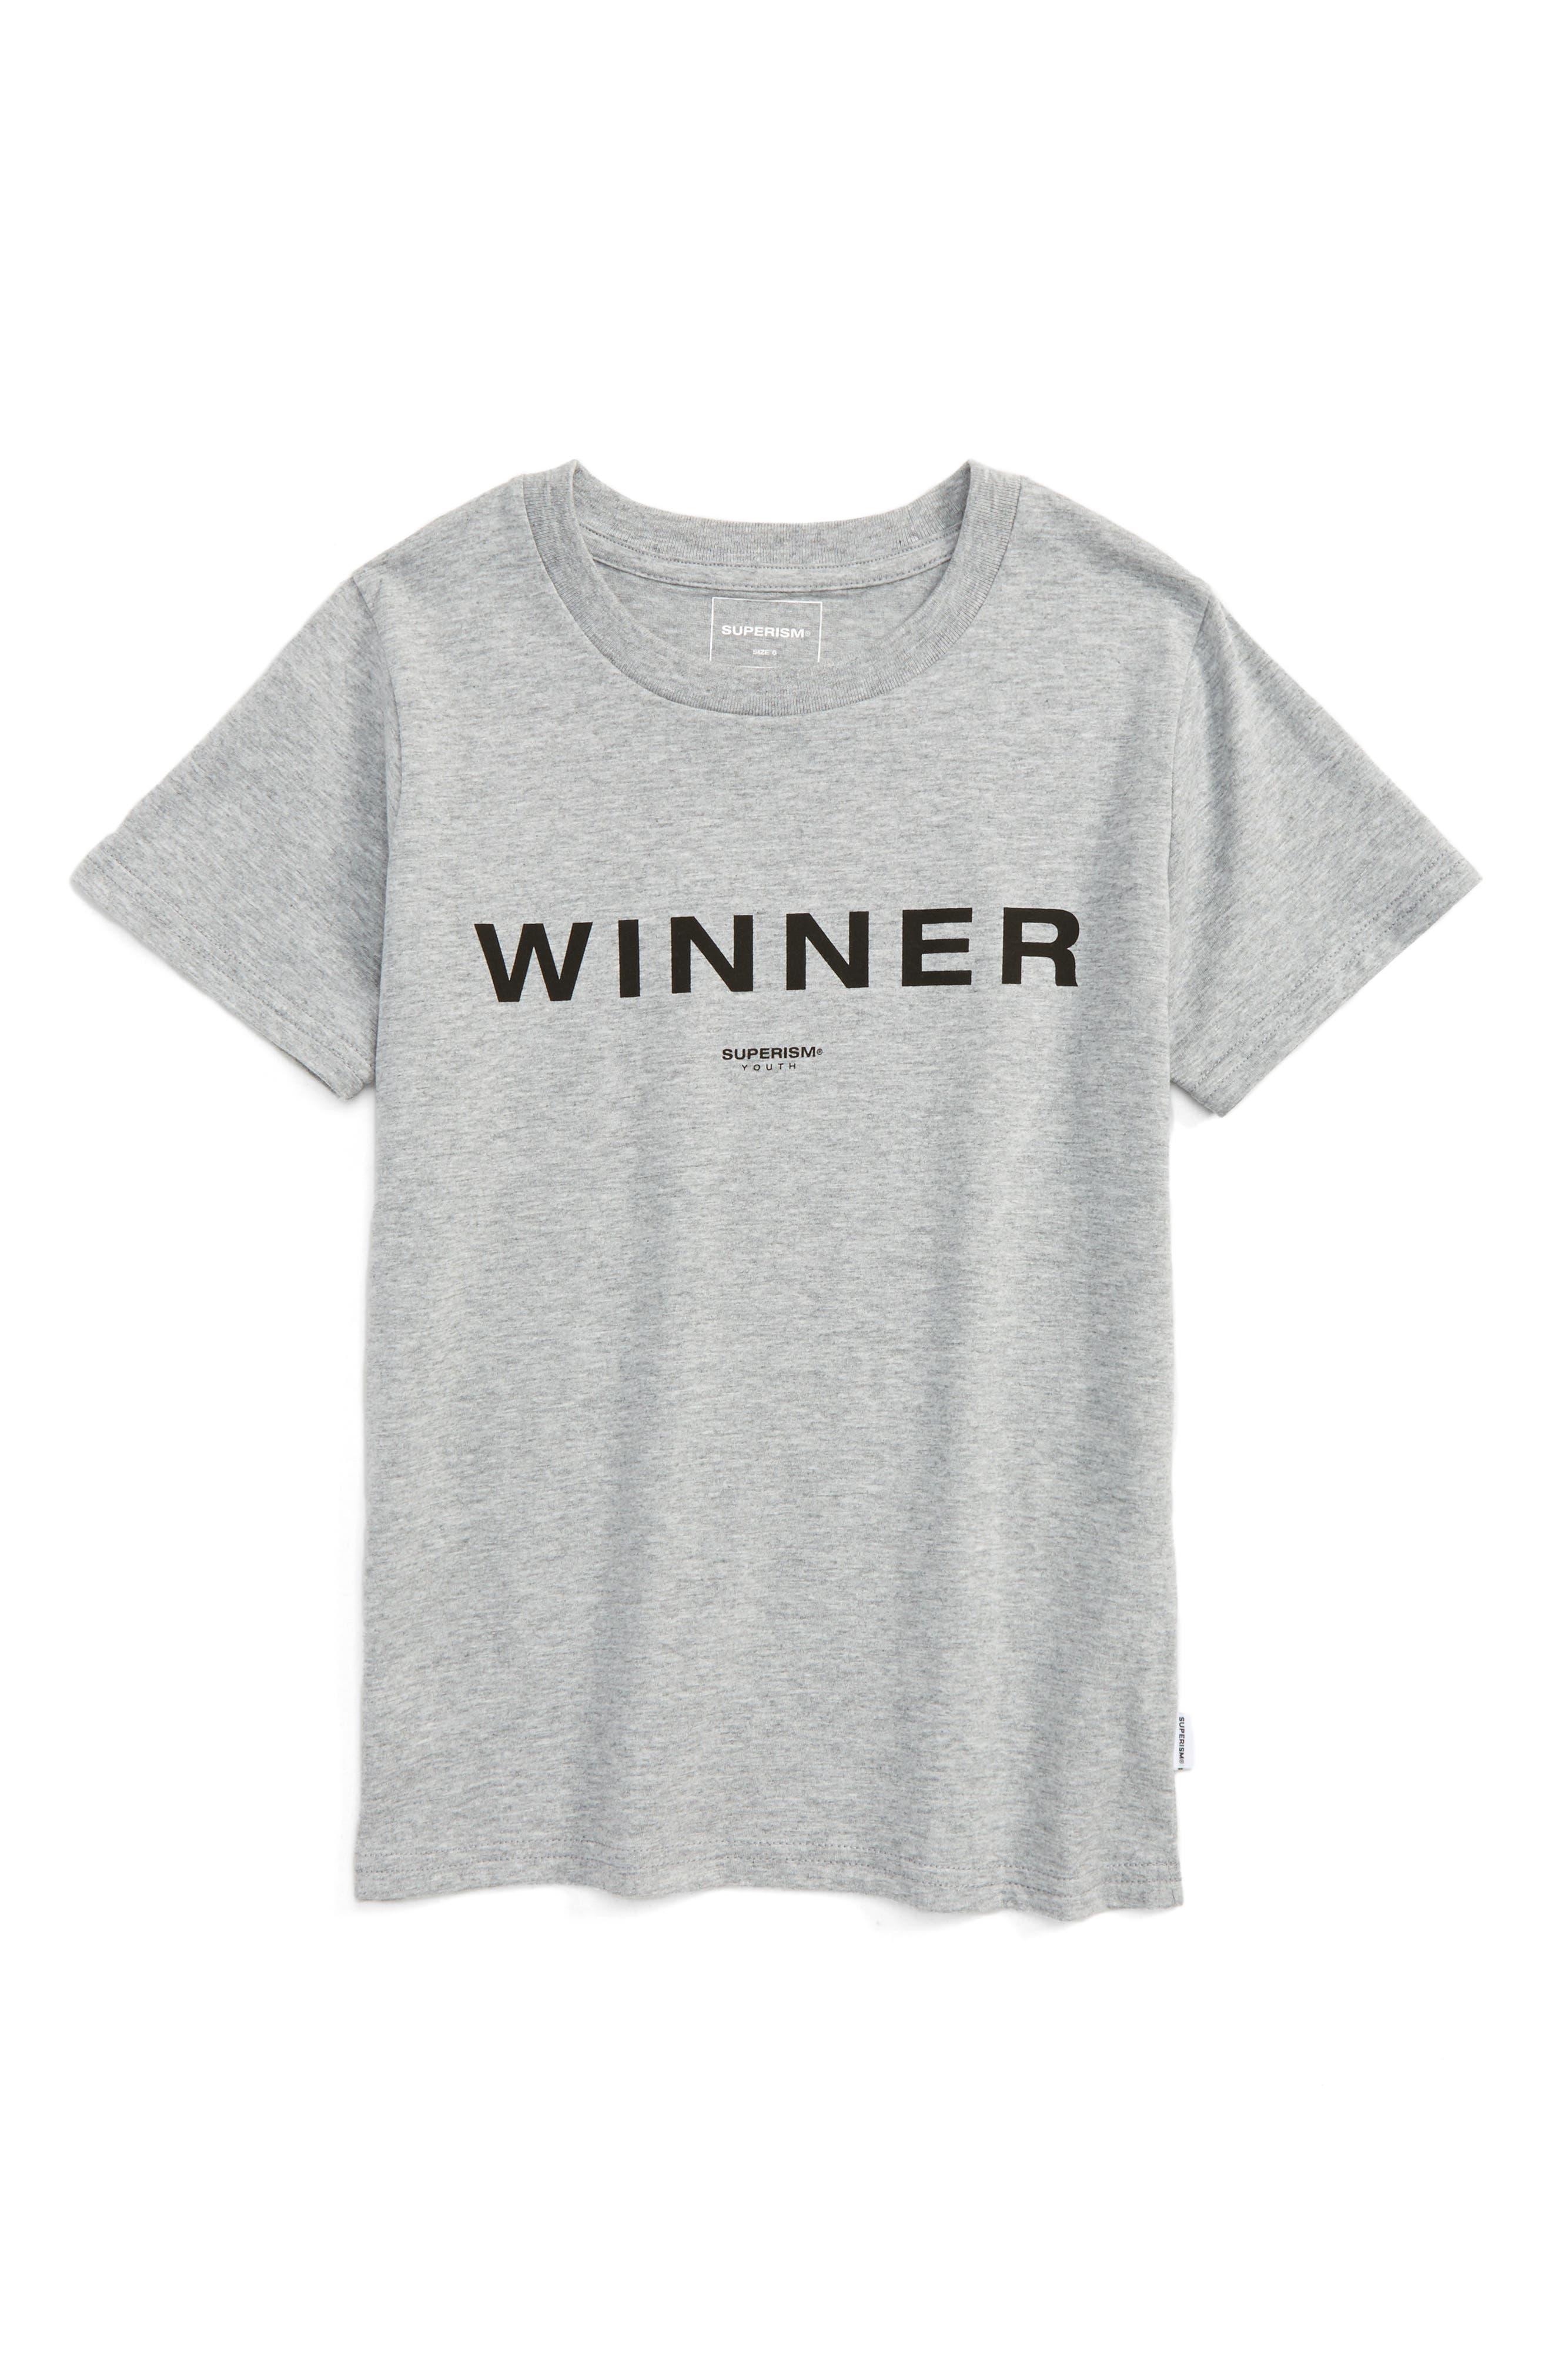 Alternate Image 1 Selected - Superism Winner T-Shirt (Toddler Boys & Little Boys)